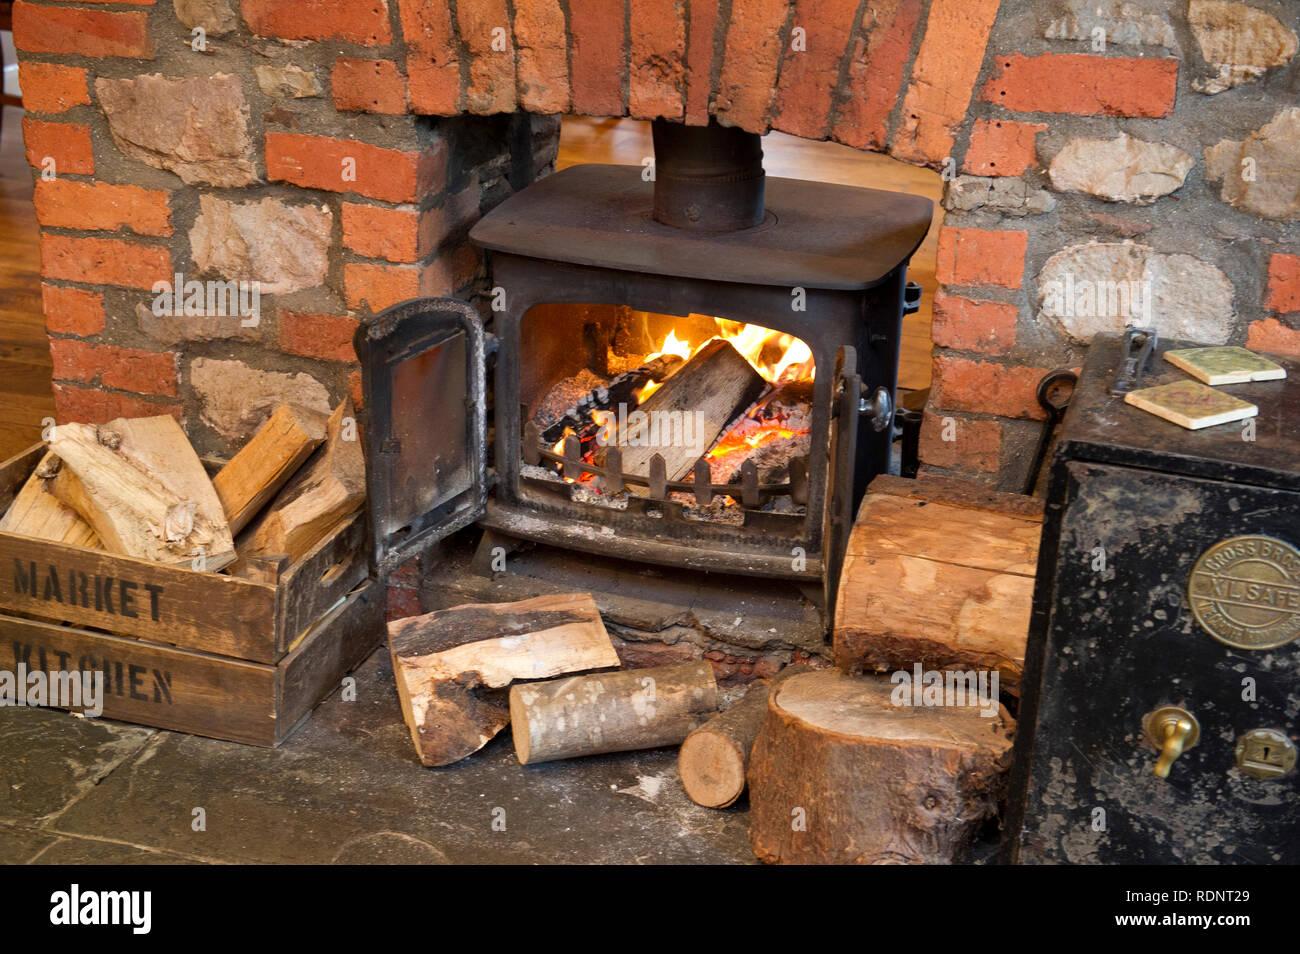 Wood burning stove - Stock Image